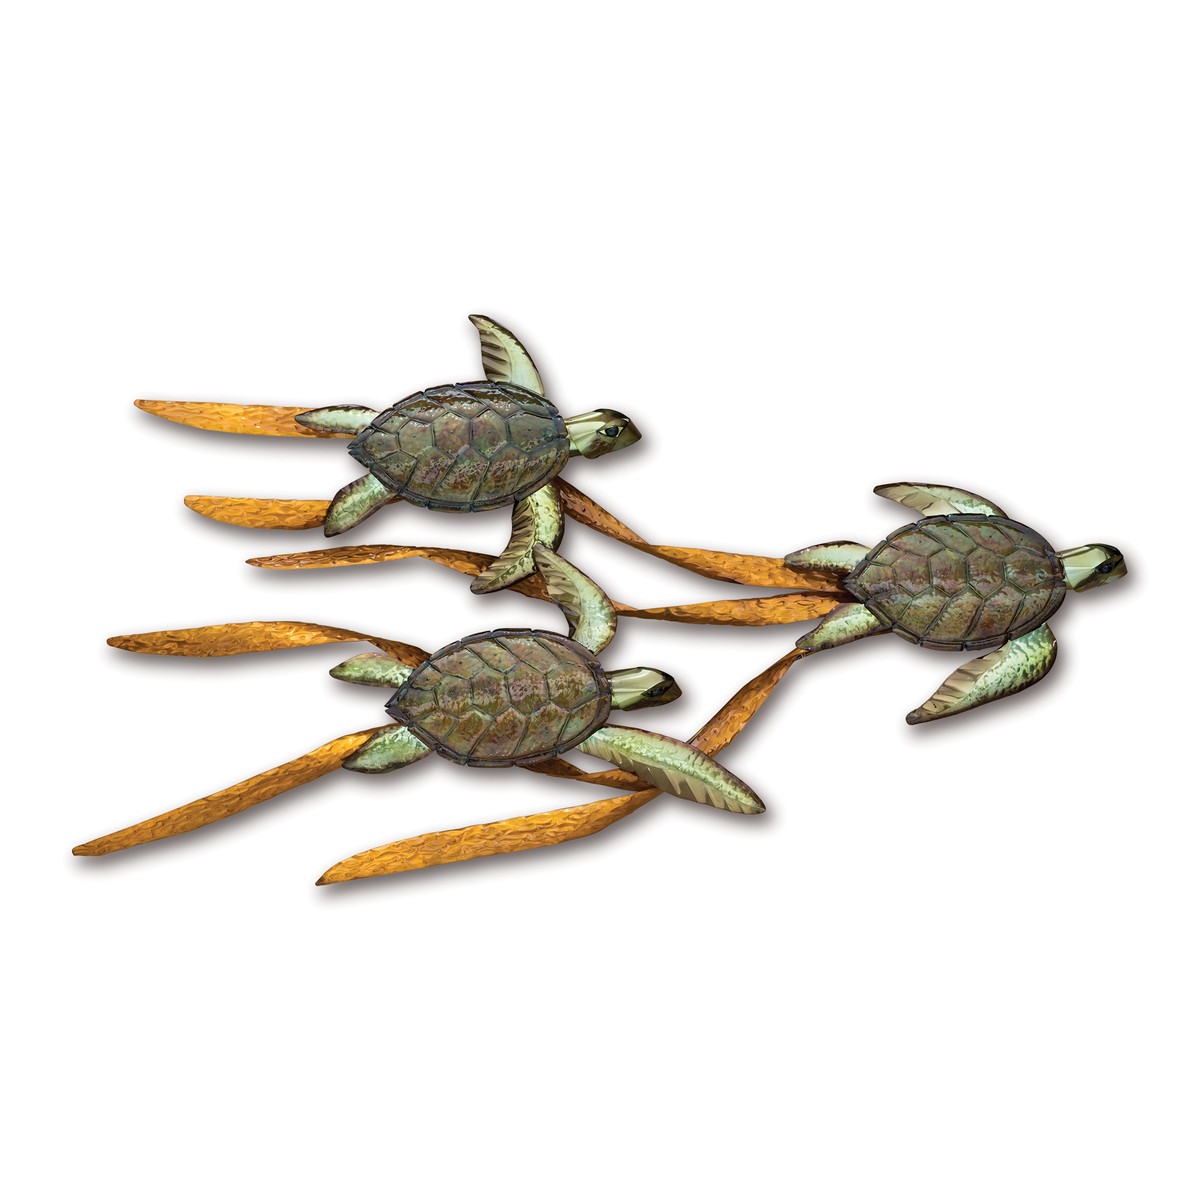 Baby Sea Turtles in Kelp CO099